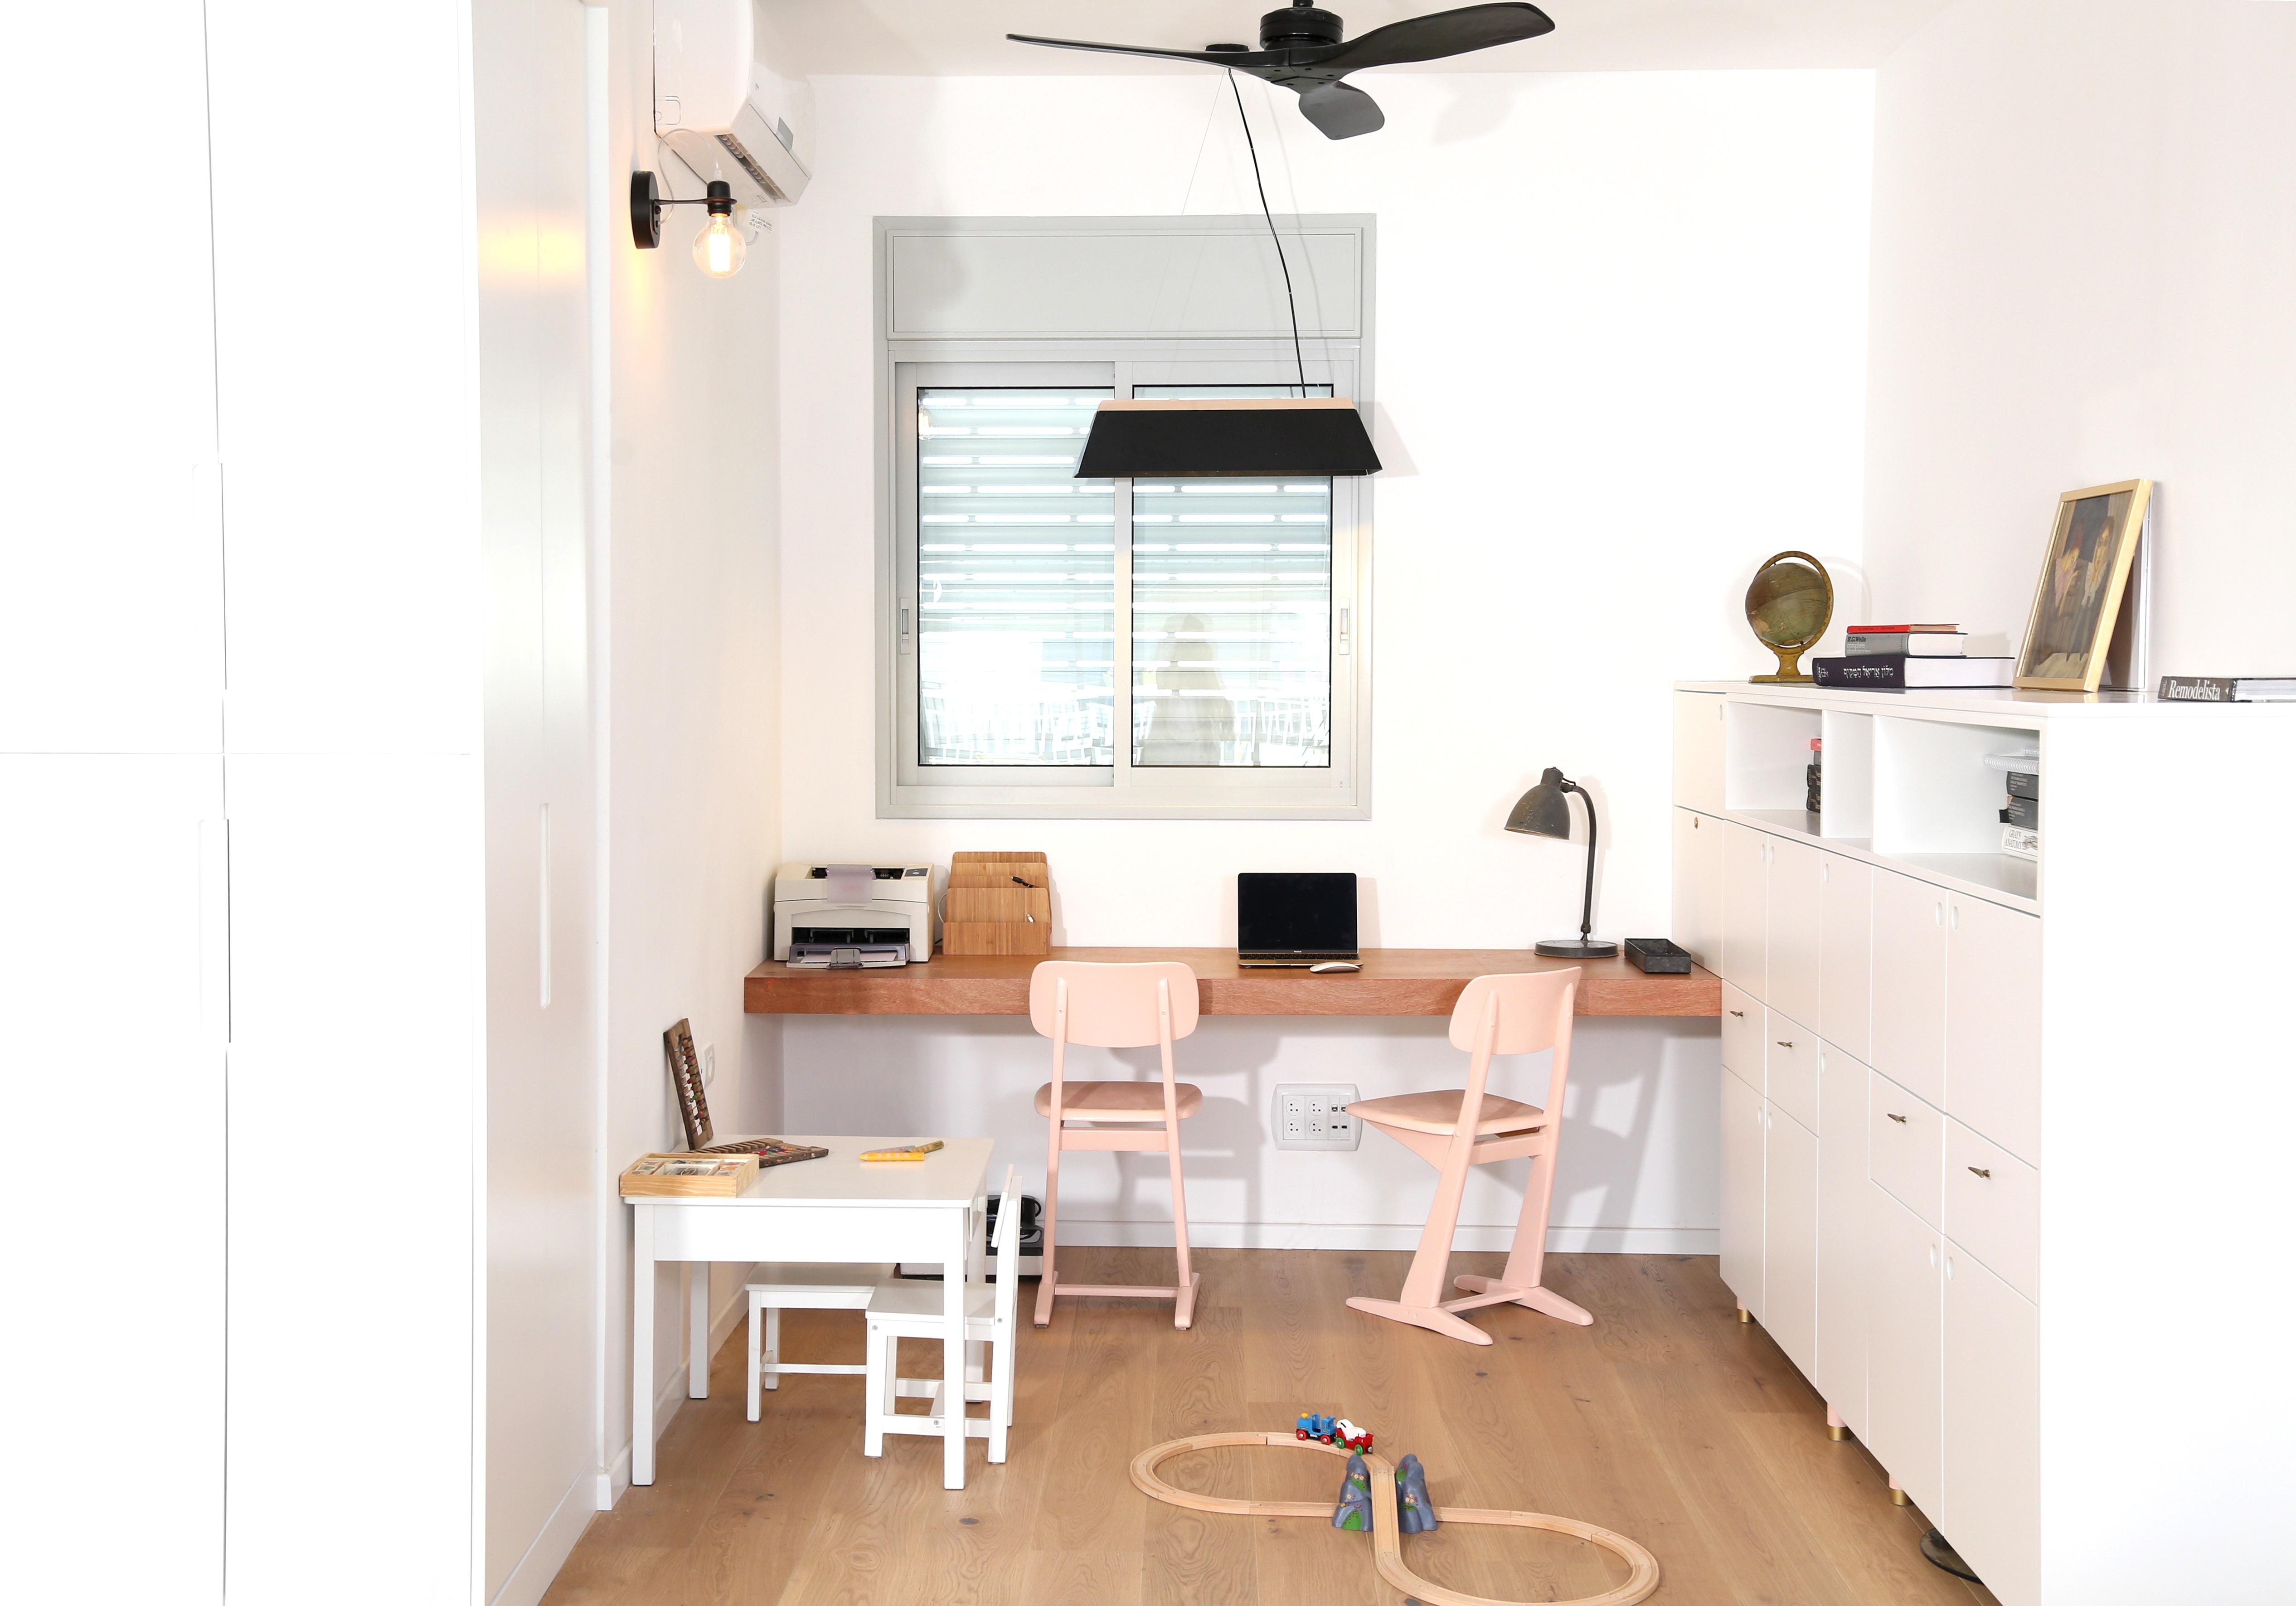 חלל העבודה מכיל גם שולחן עבודה לילד